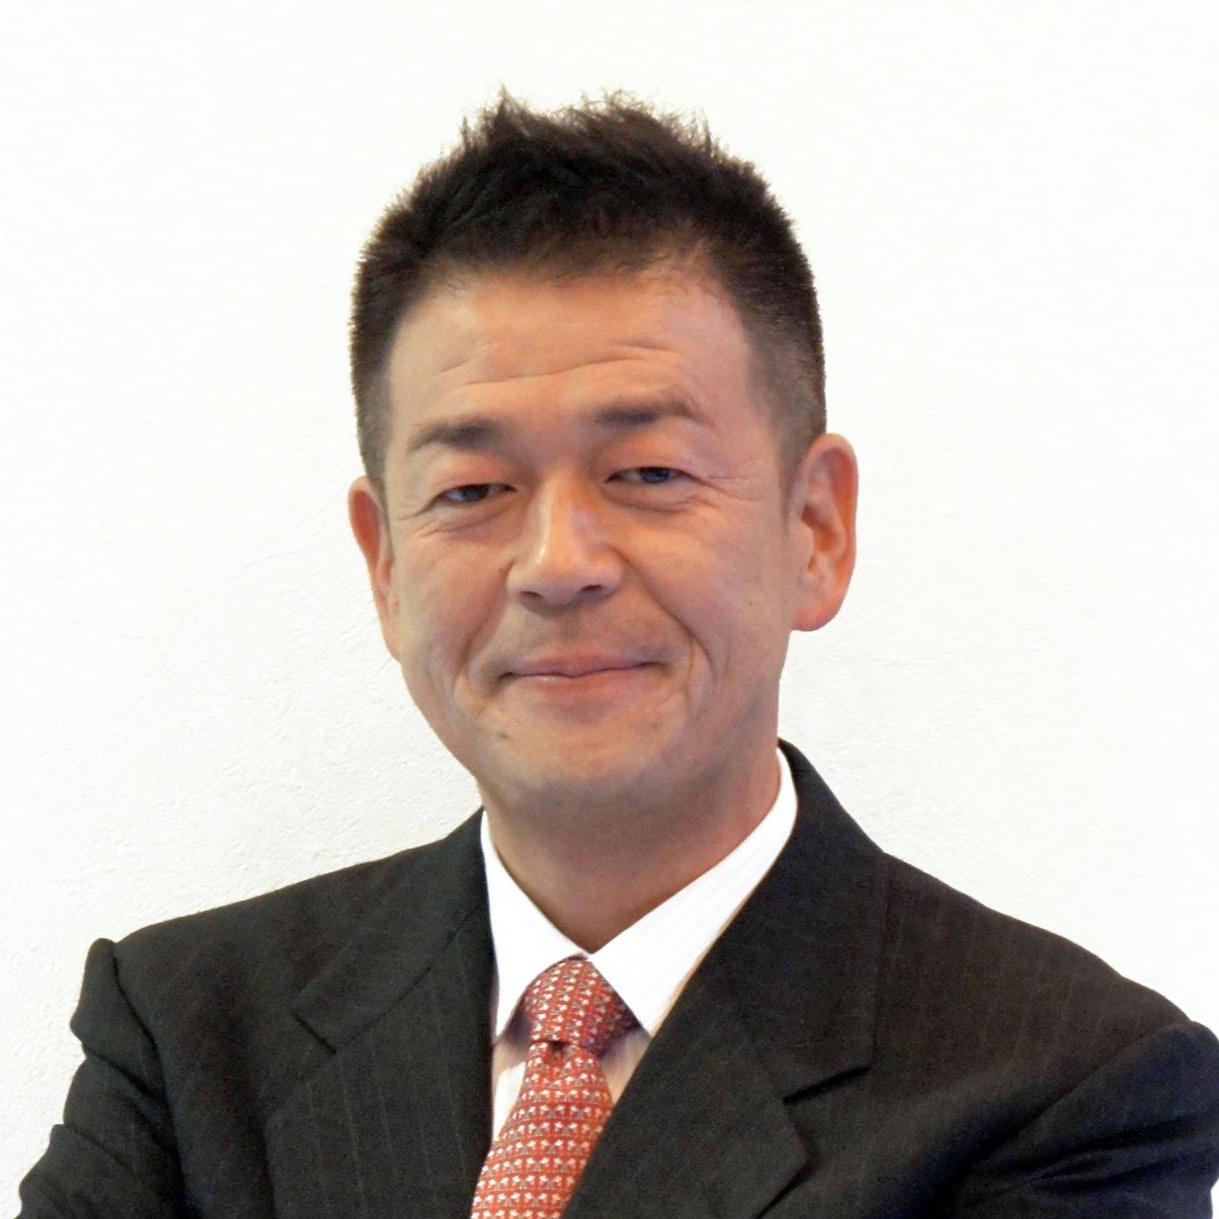 昭和建設株式会社|代表取締役 工藤 圭亮